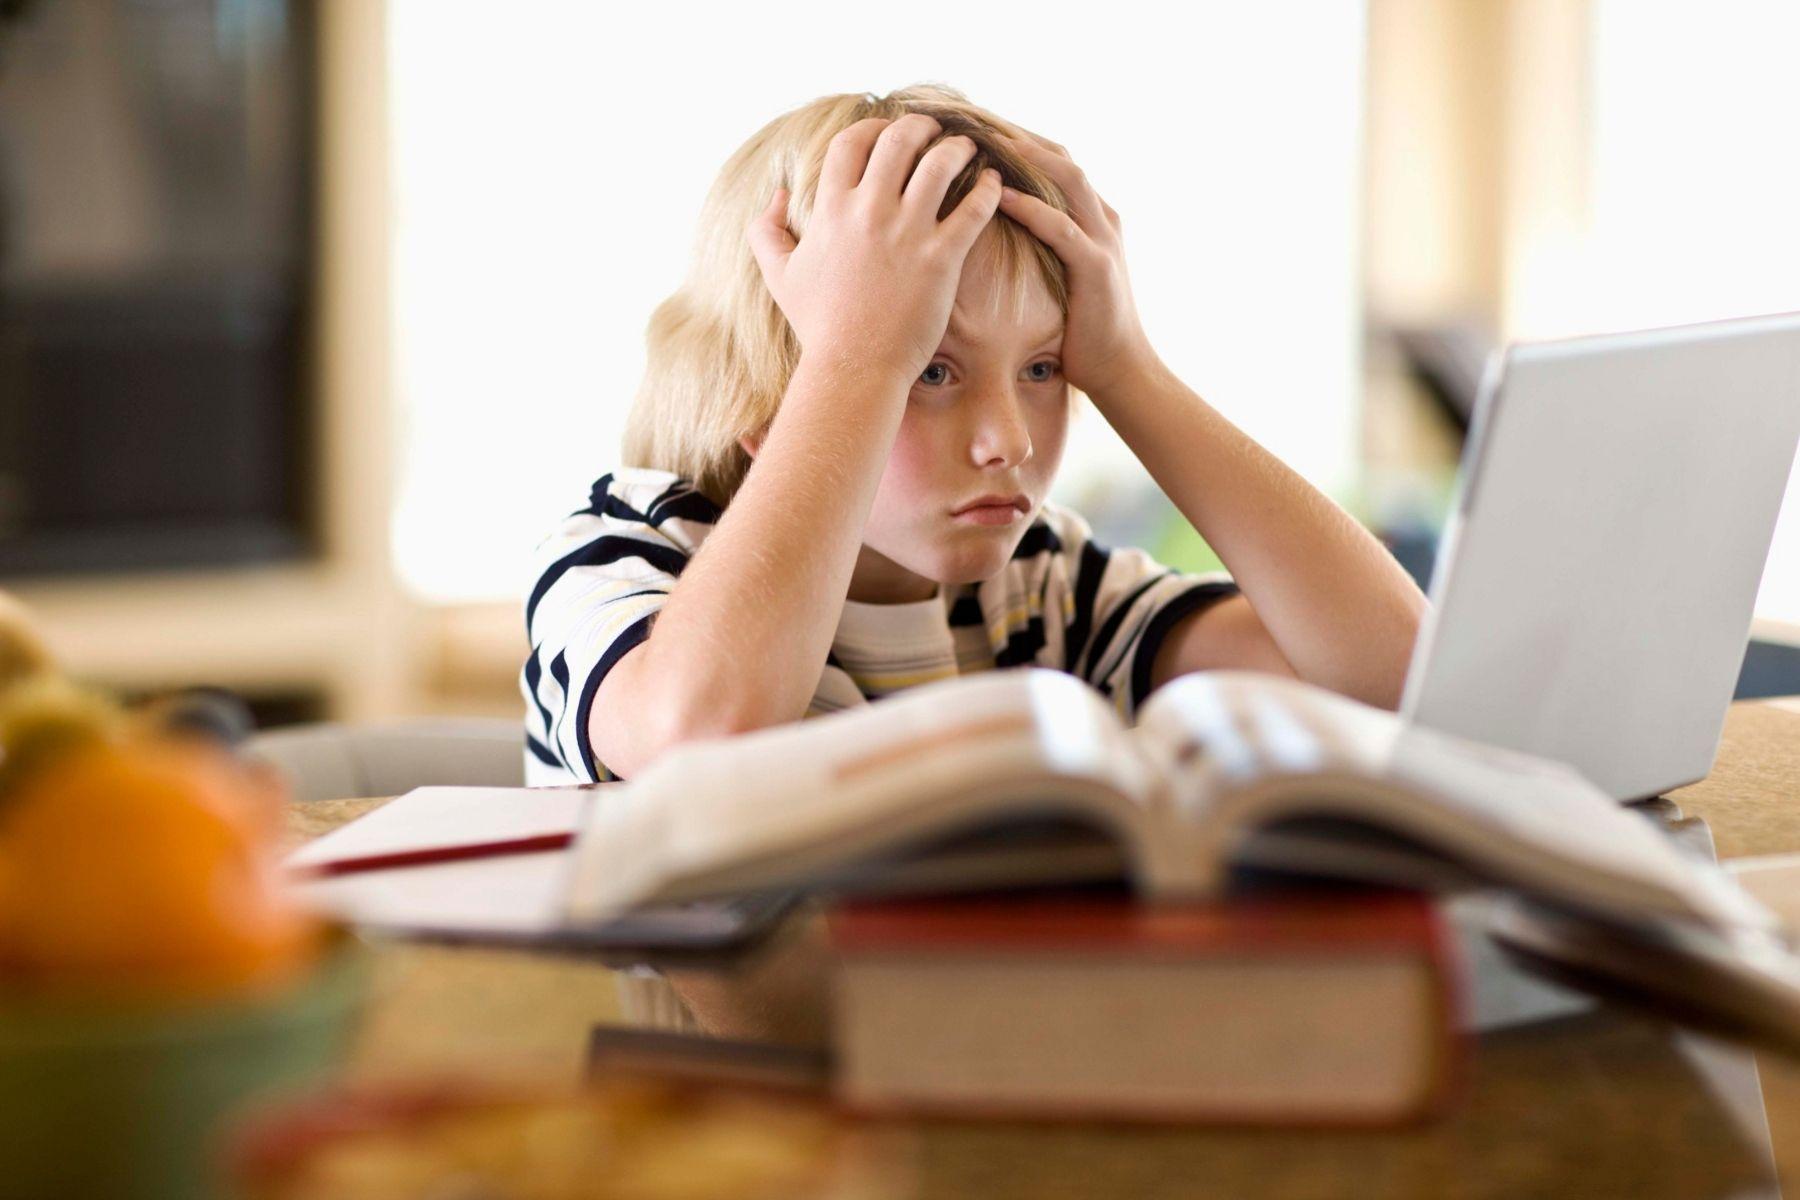 Uno de tus jugadores no viene a entrenar porque tiene que estudiar para un examen del colegio. ¿Qué represalias tomas?